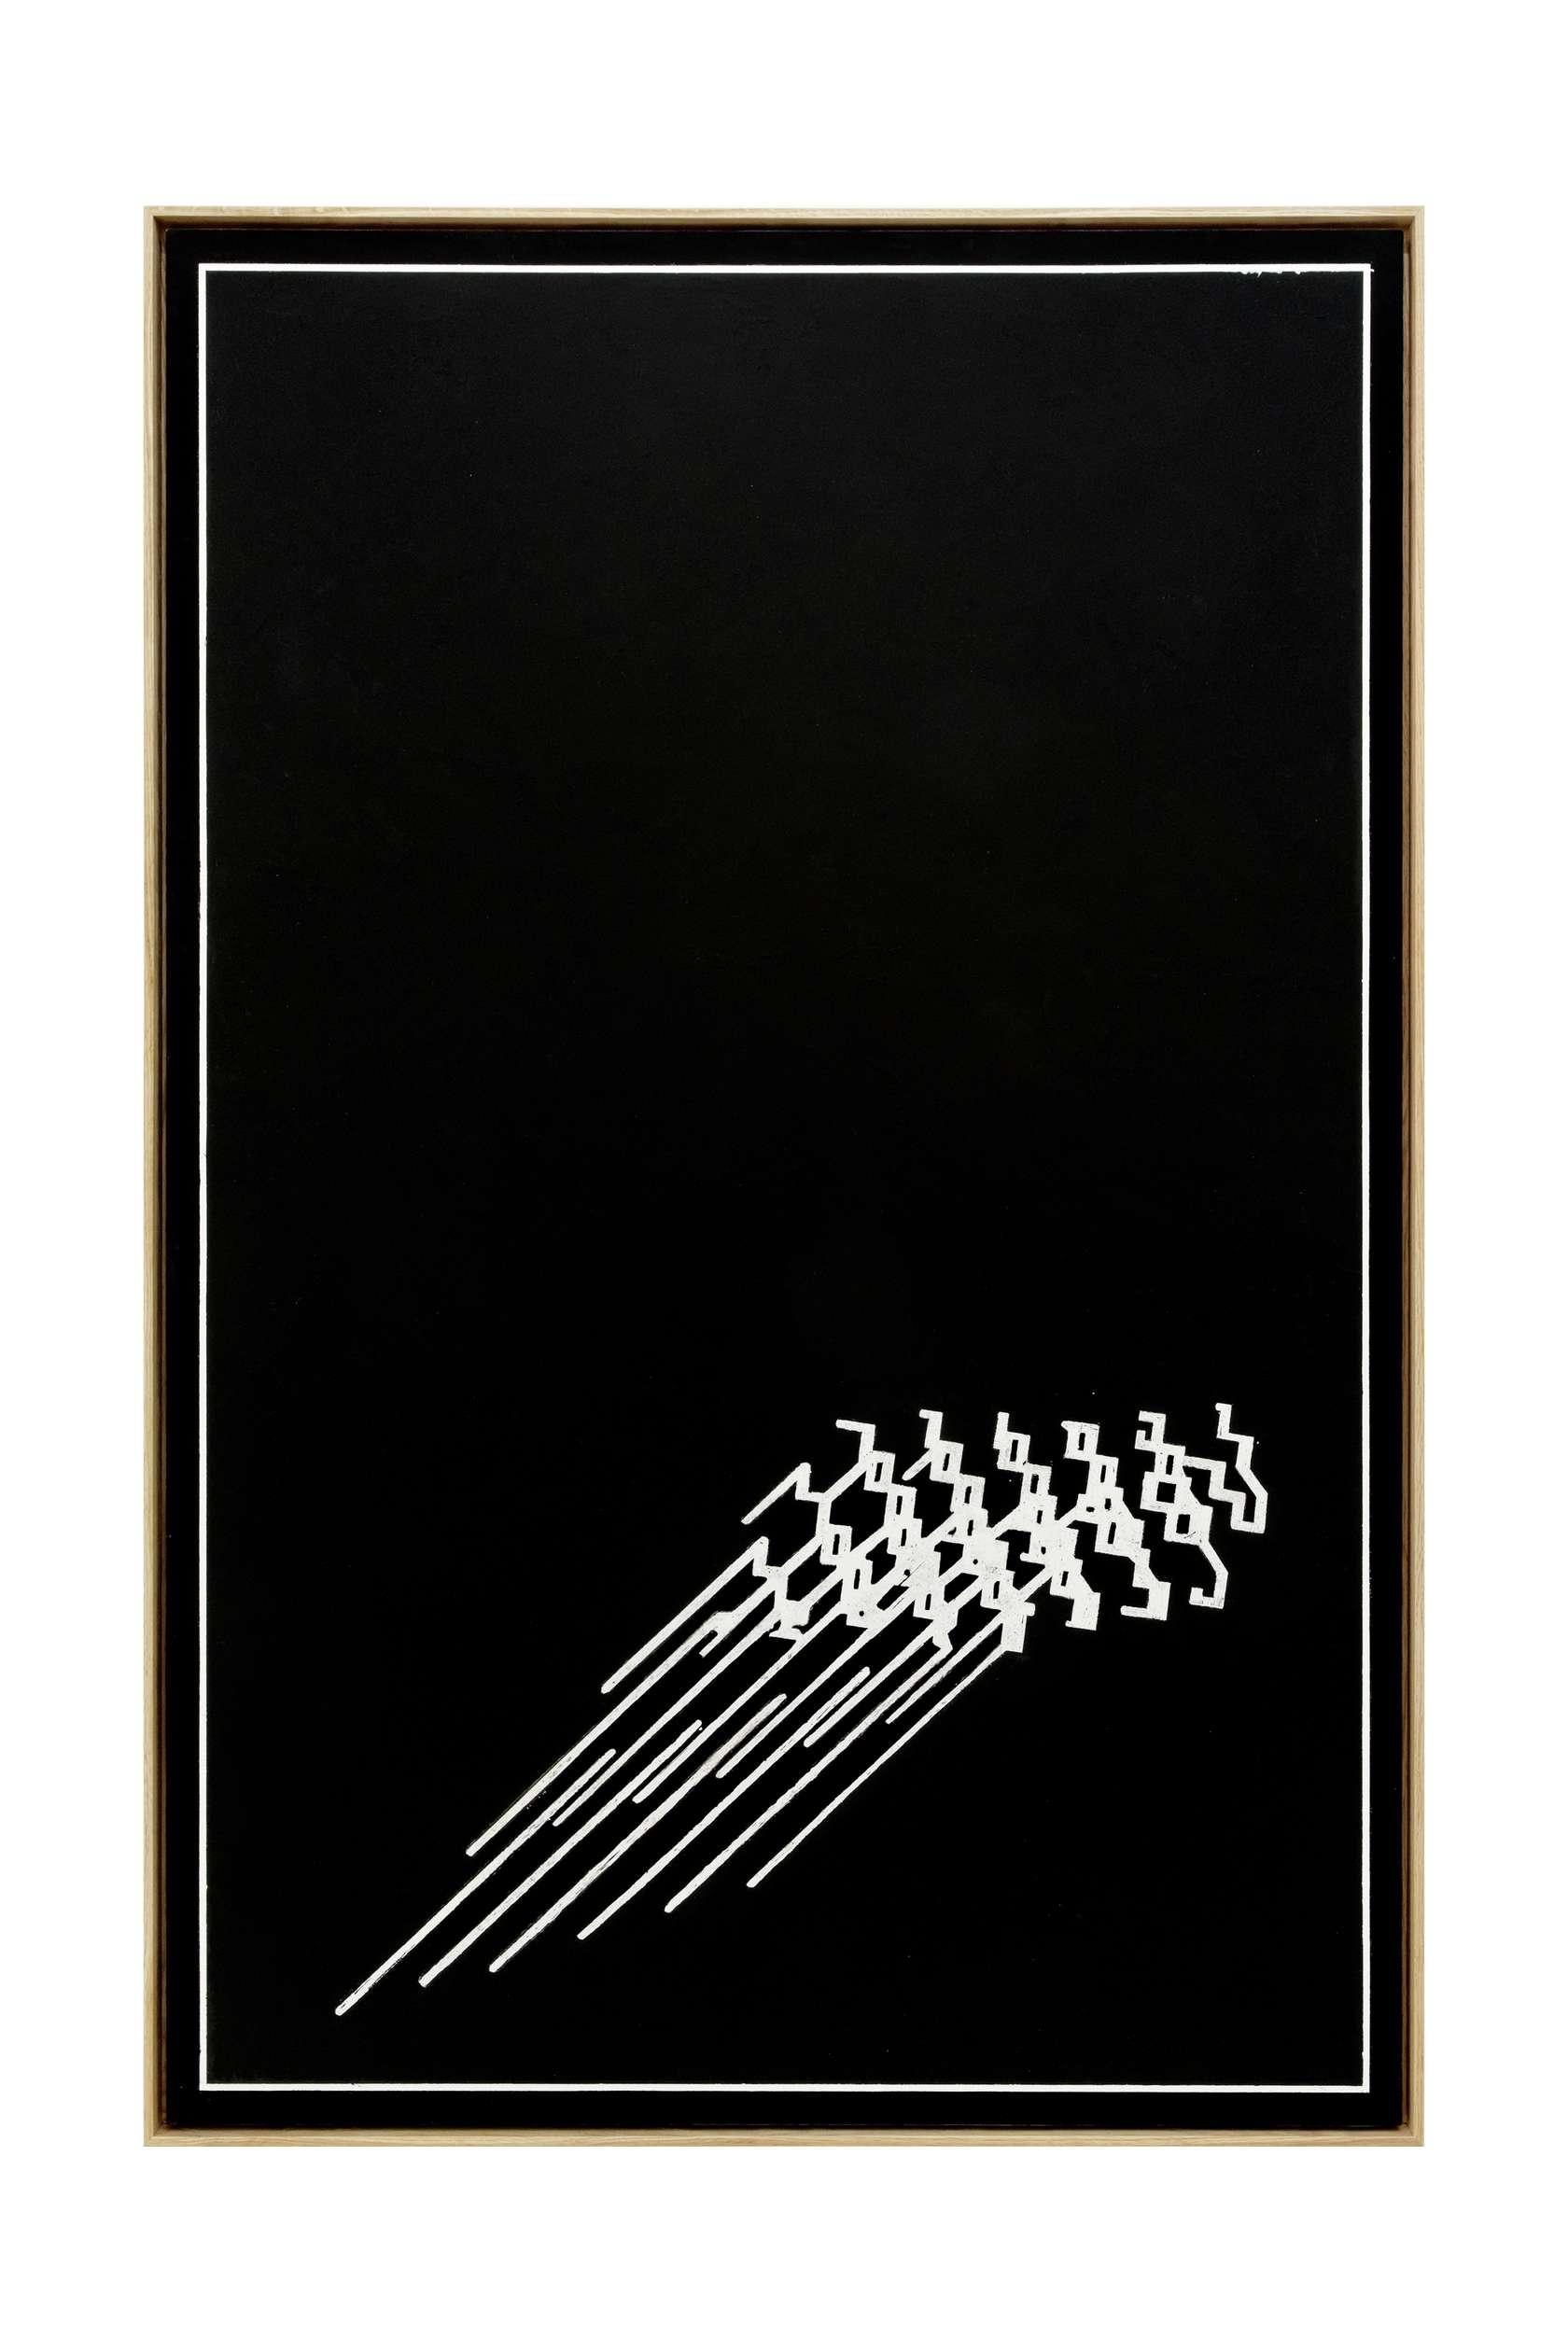 Julien Tiberi, Raw vision, 2011 Acrylique gratée sur isorel laqué blanc186 × 123 cm / 73 2/8 × 48 3/8 in.